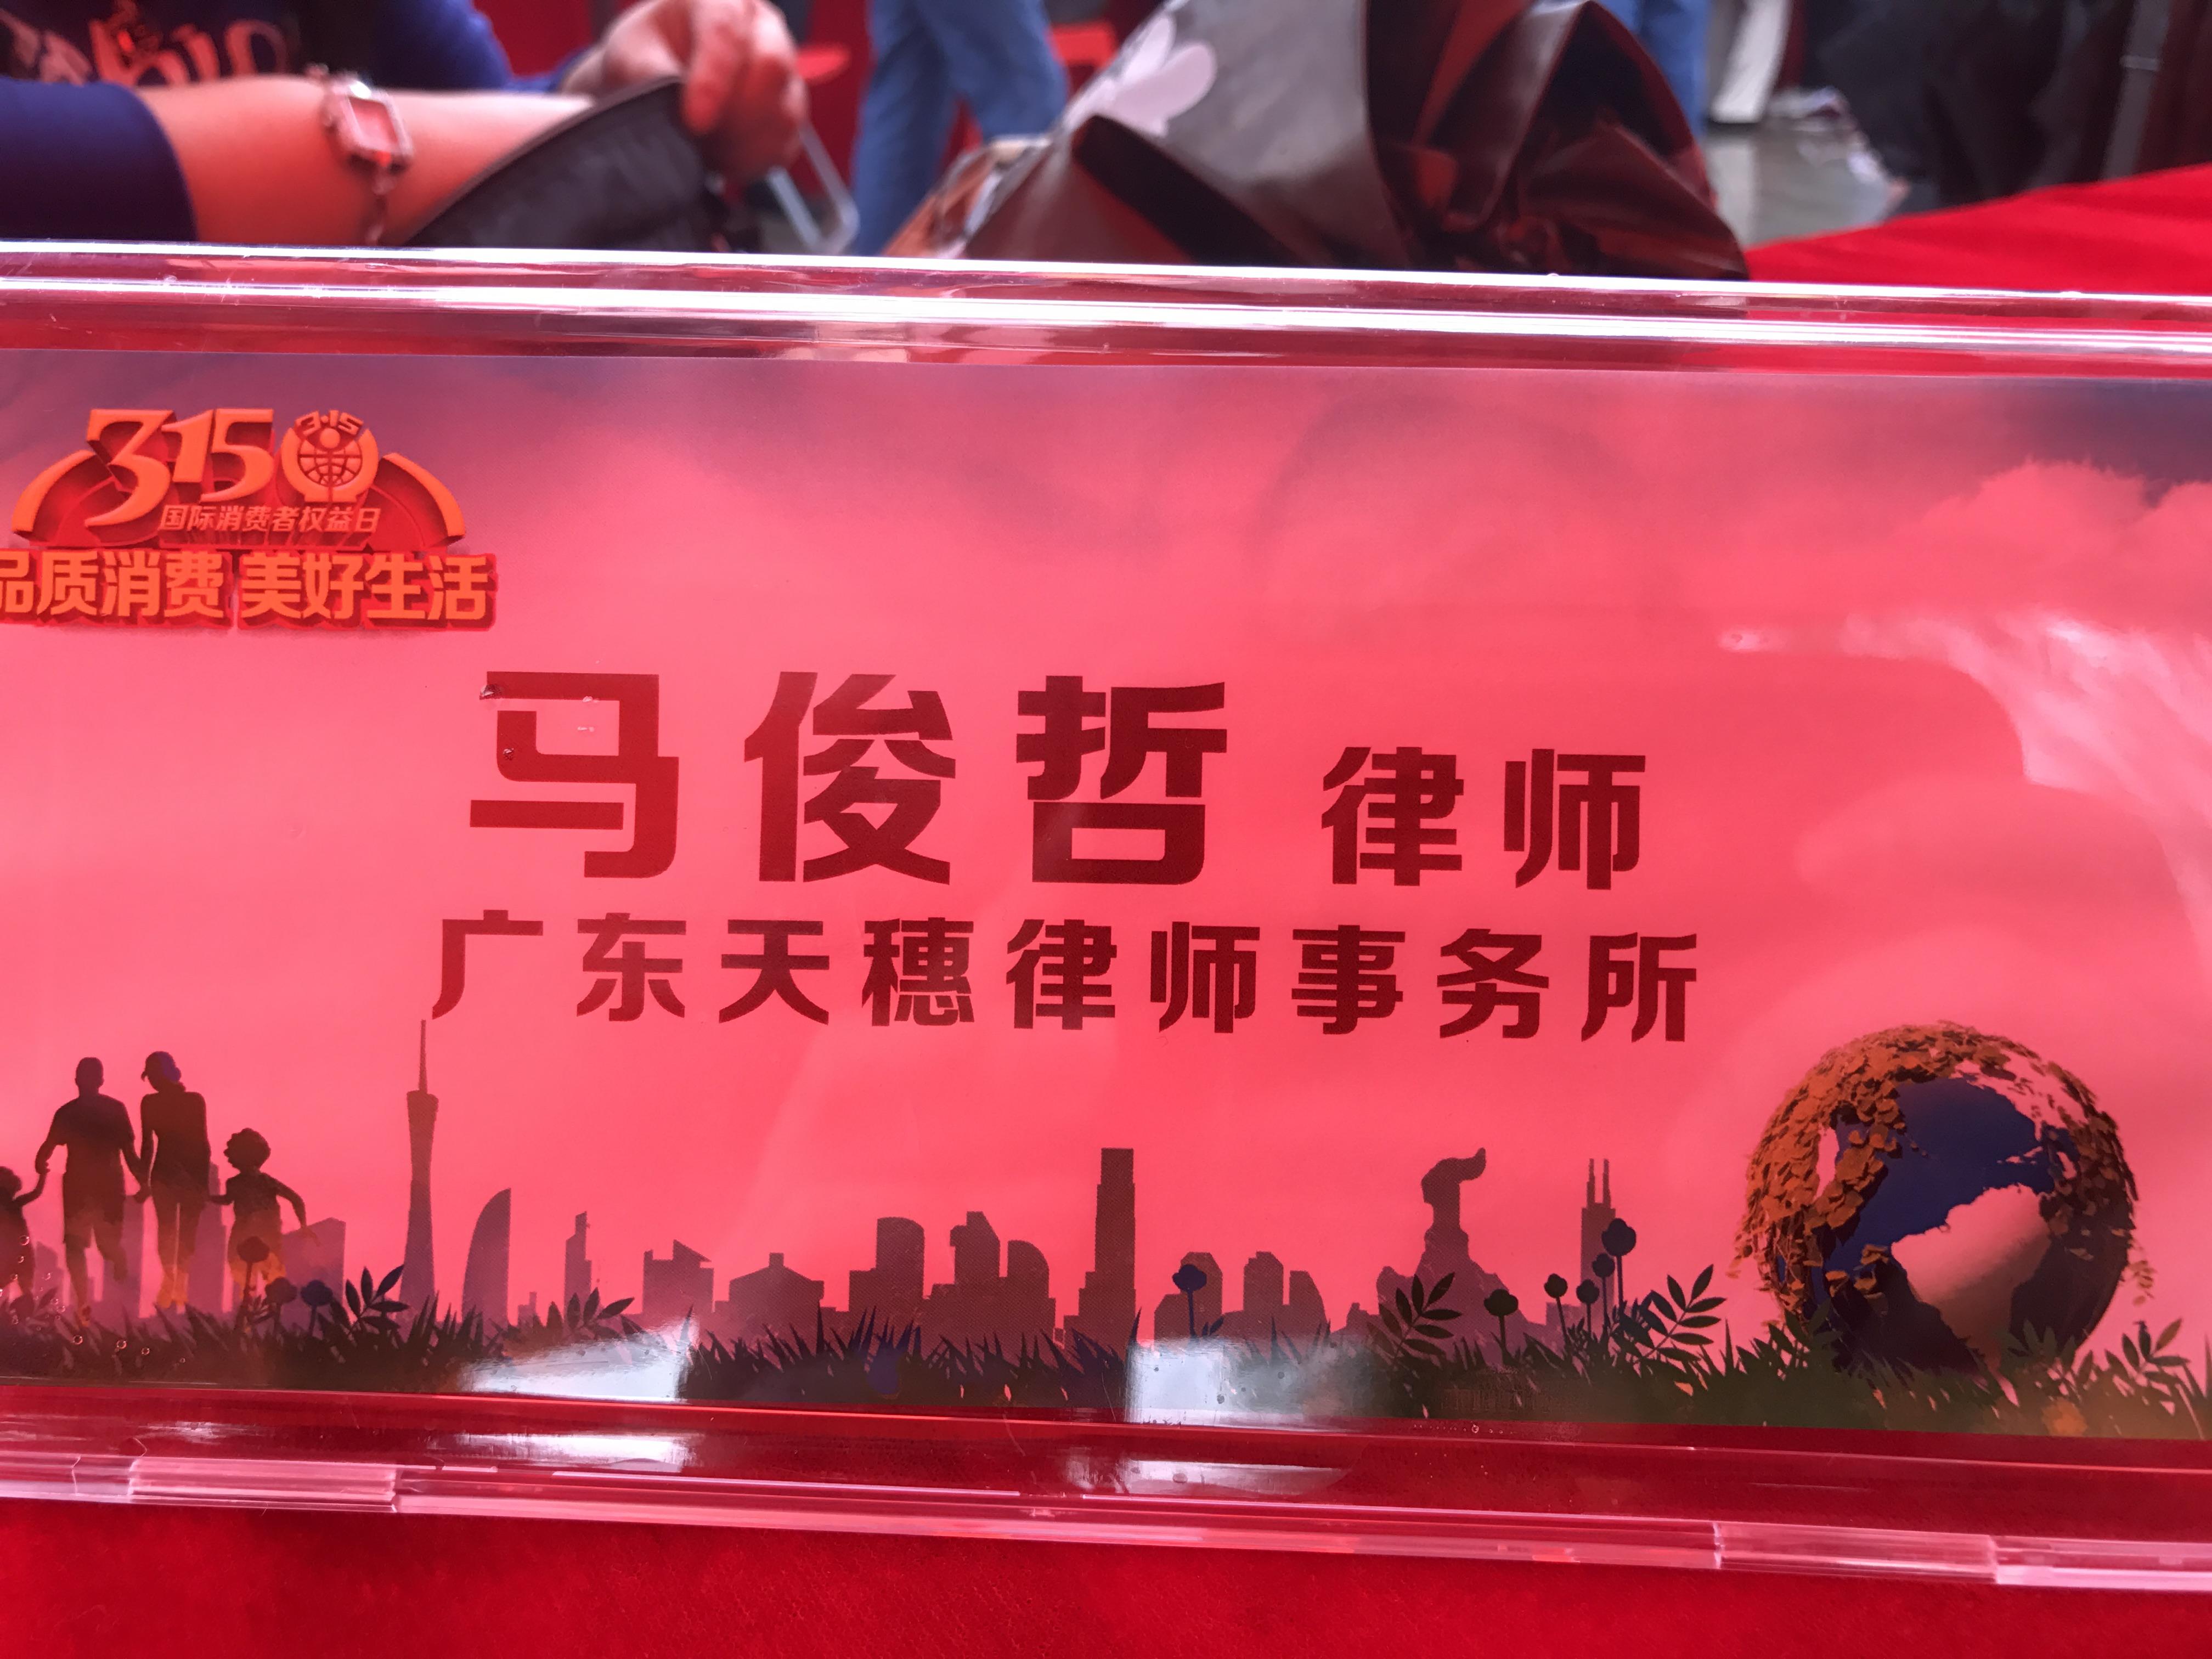 马俊哲律师参加315消费者权益日现场咨询